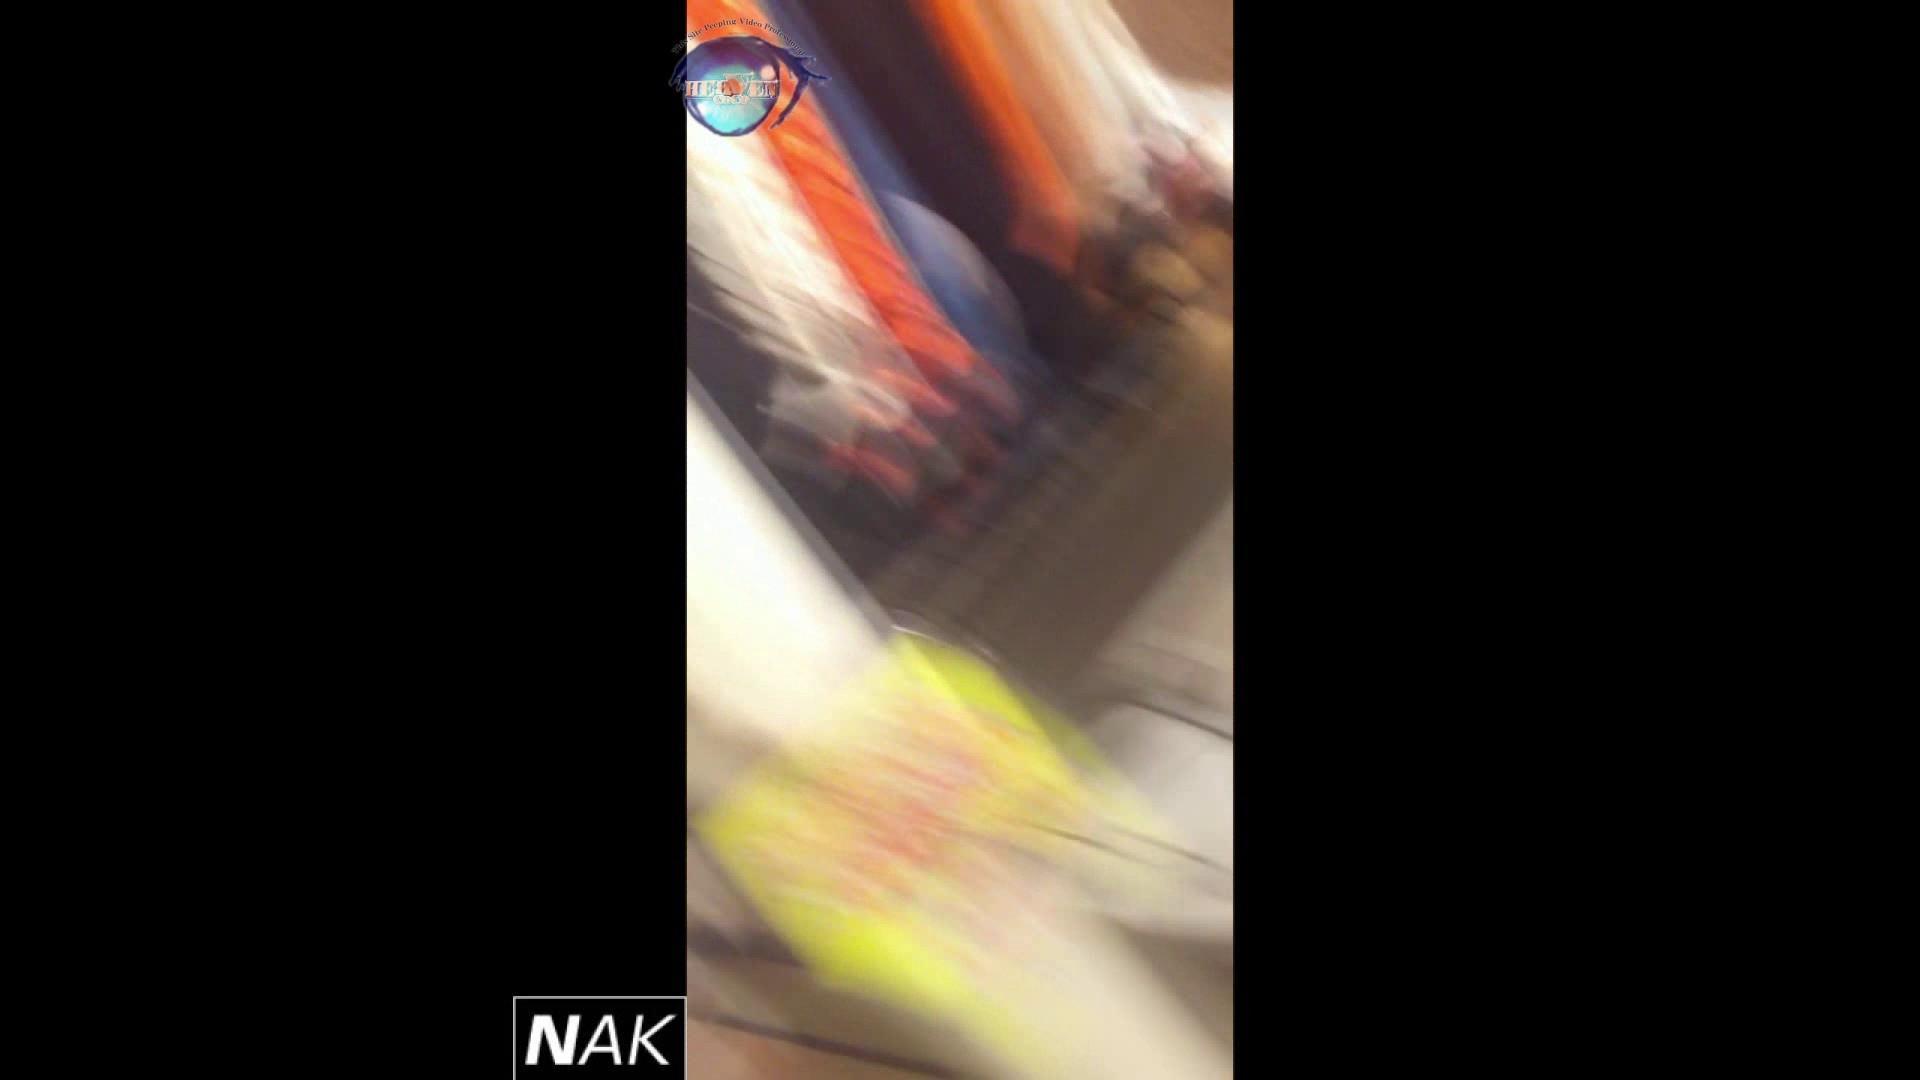 ハイビジョン盗撮!ショップ店員千人斬り!パンチラ編 vol.22 パンティ AV動画キャプチャ 110画像 46